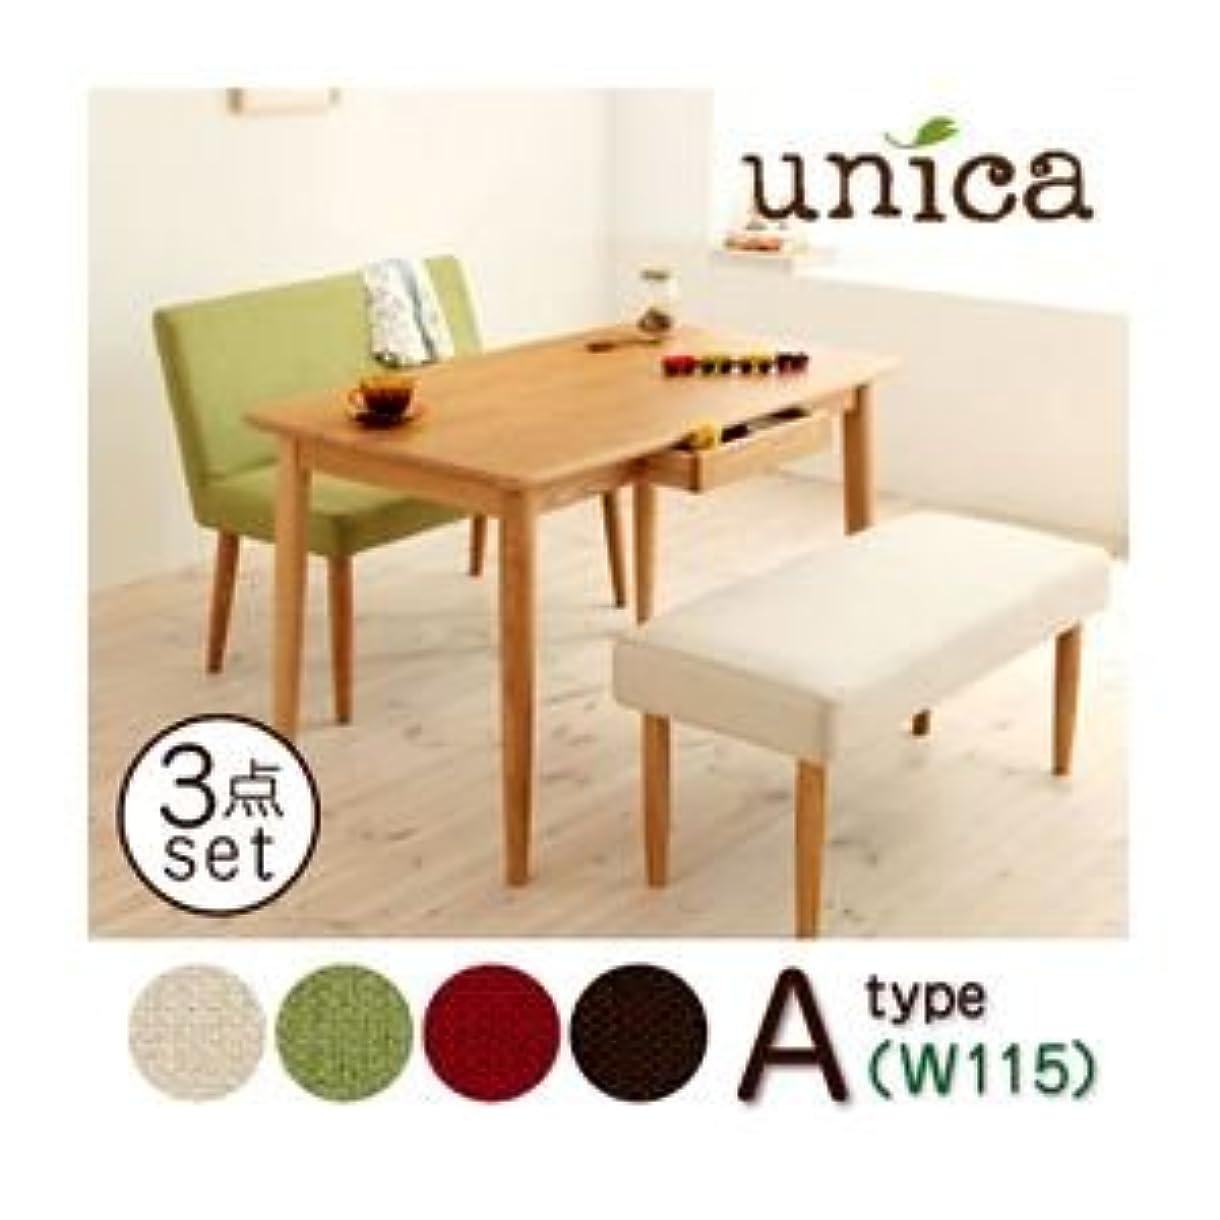 証明書意図二週間ダイニングセット 3点セット[A](テーブル幅115+カバーリングベンチ+ソファベンチ)[unica][テーブル]ブラウン [ベンチ]アイボリー×[ソファベンチ]グリーン 天然木タモ無垢材 ユニカ/ベンチタイプ